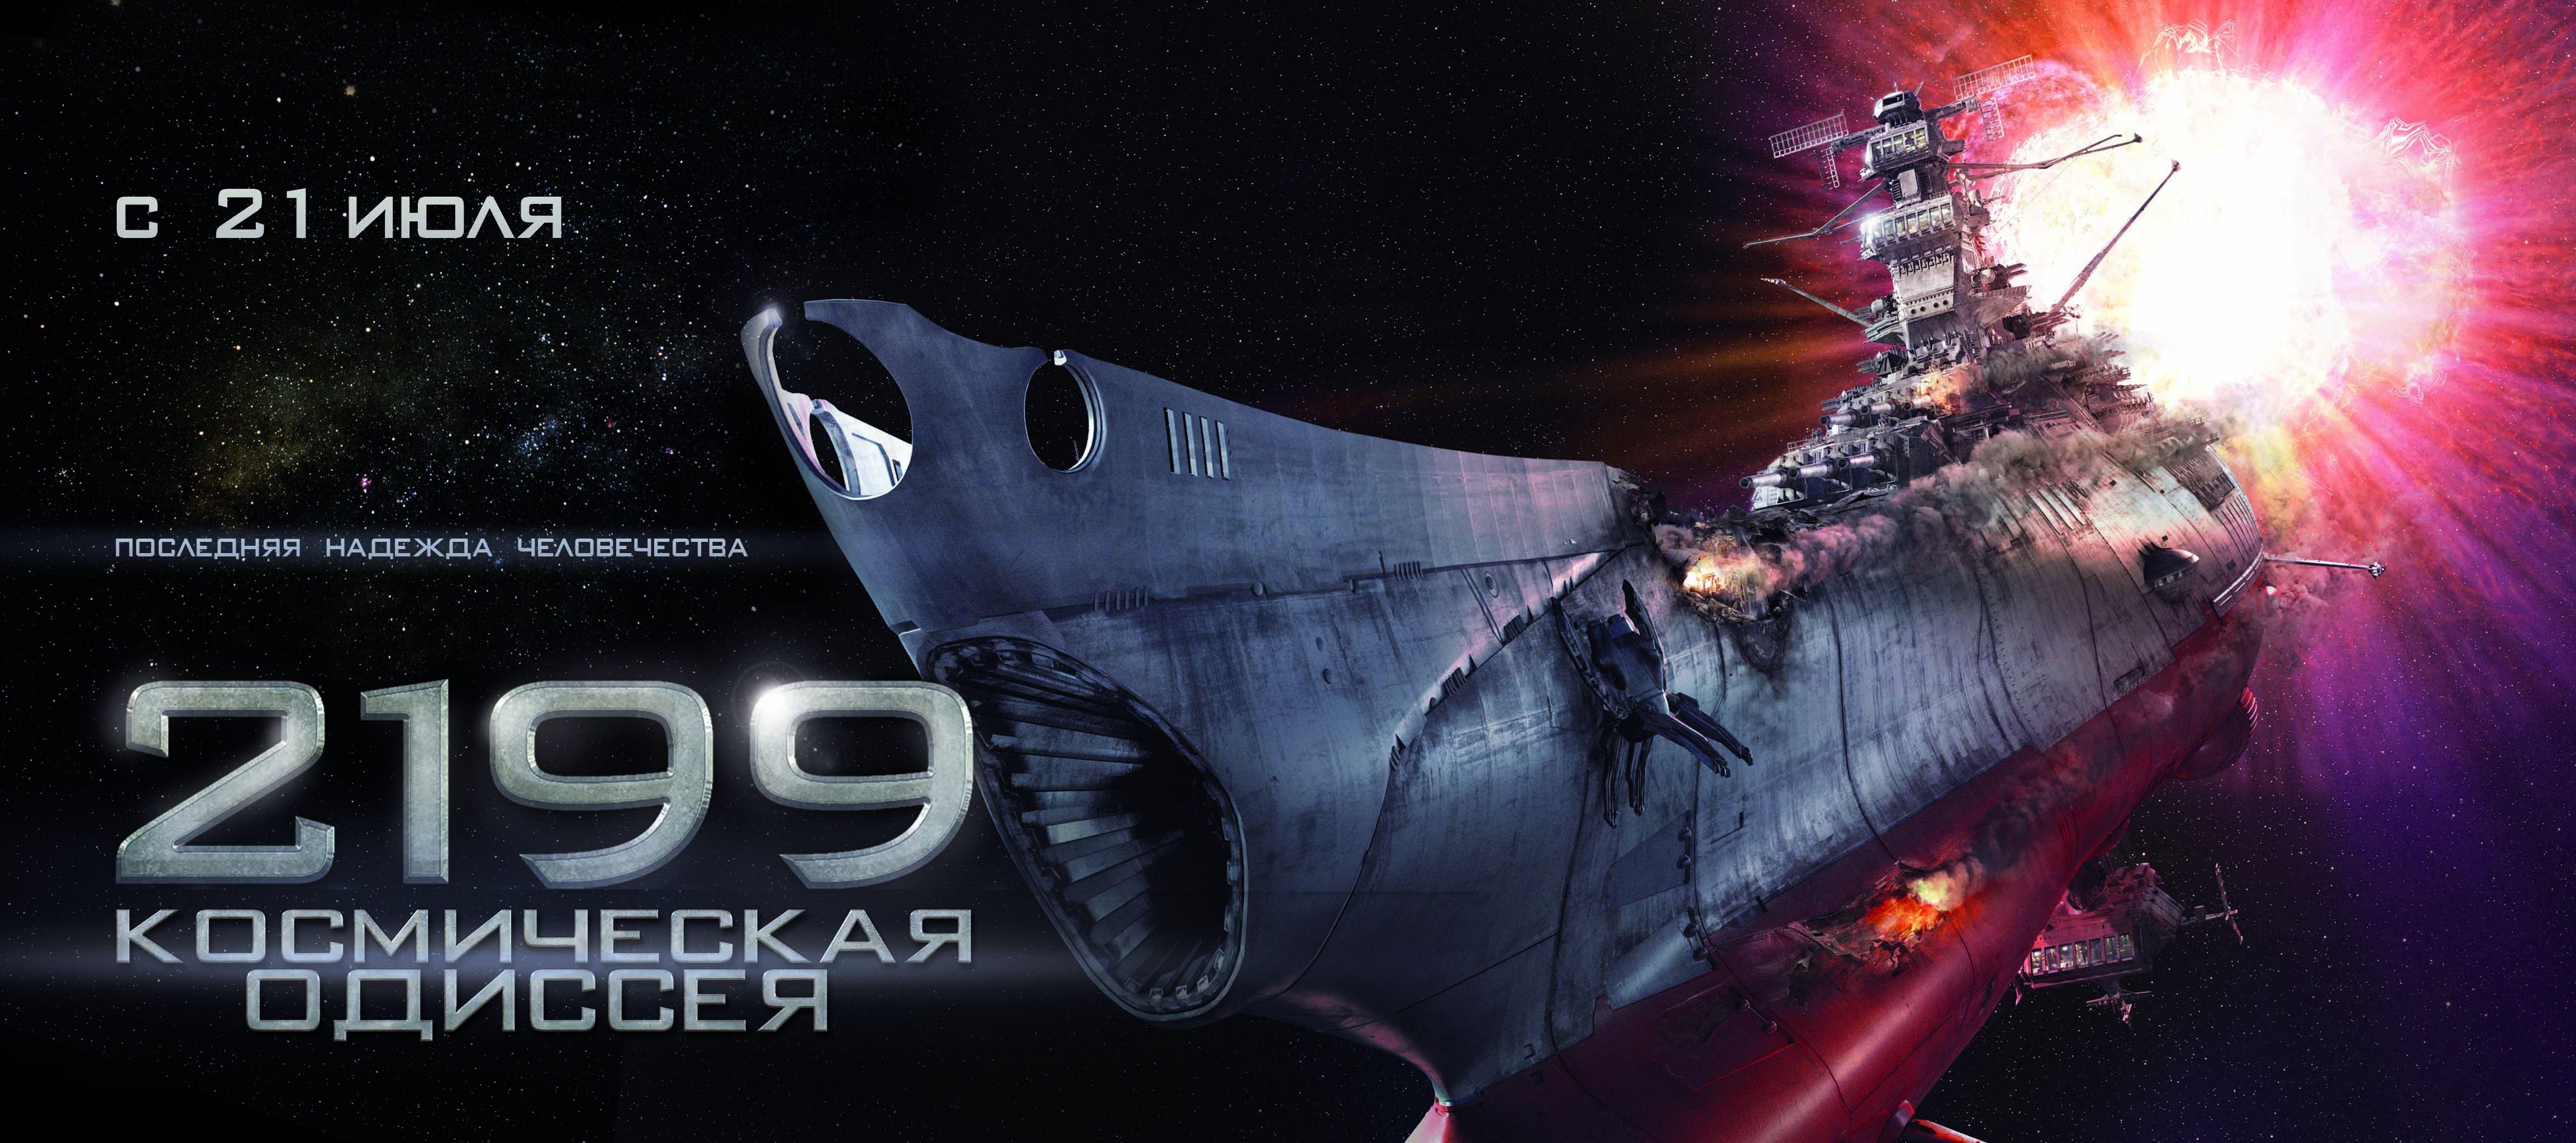 плакат фильма баннер локализованные 2199: Космическая одиссея